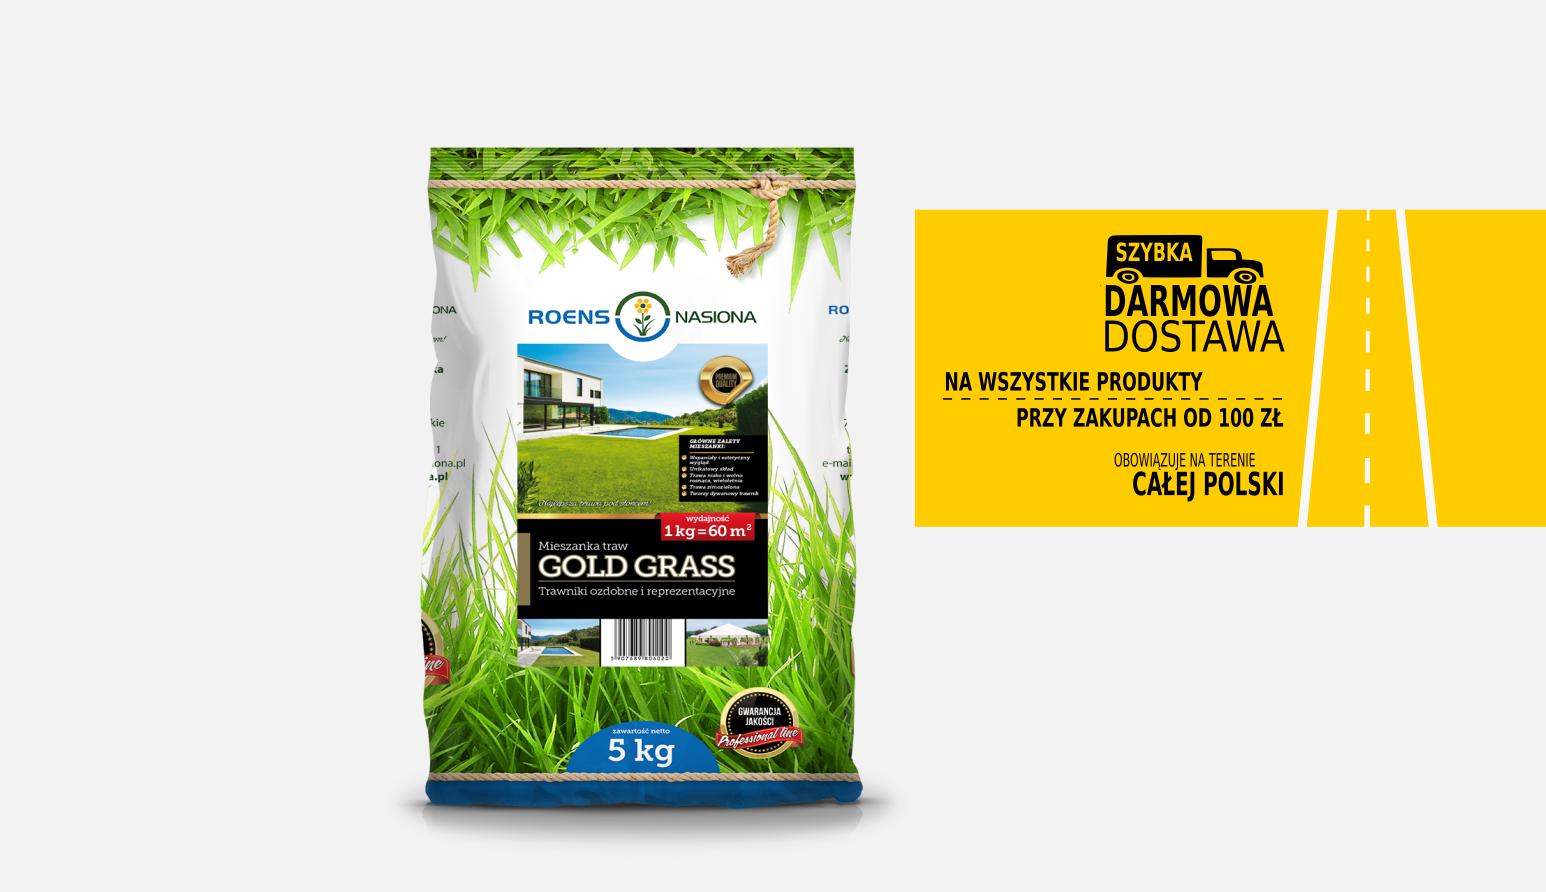 Gold Grass mieszanka traw